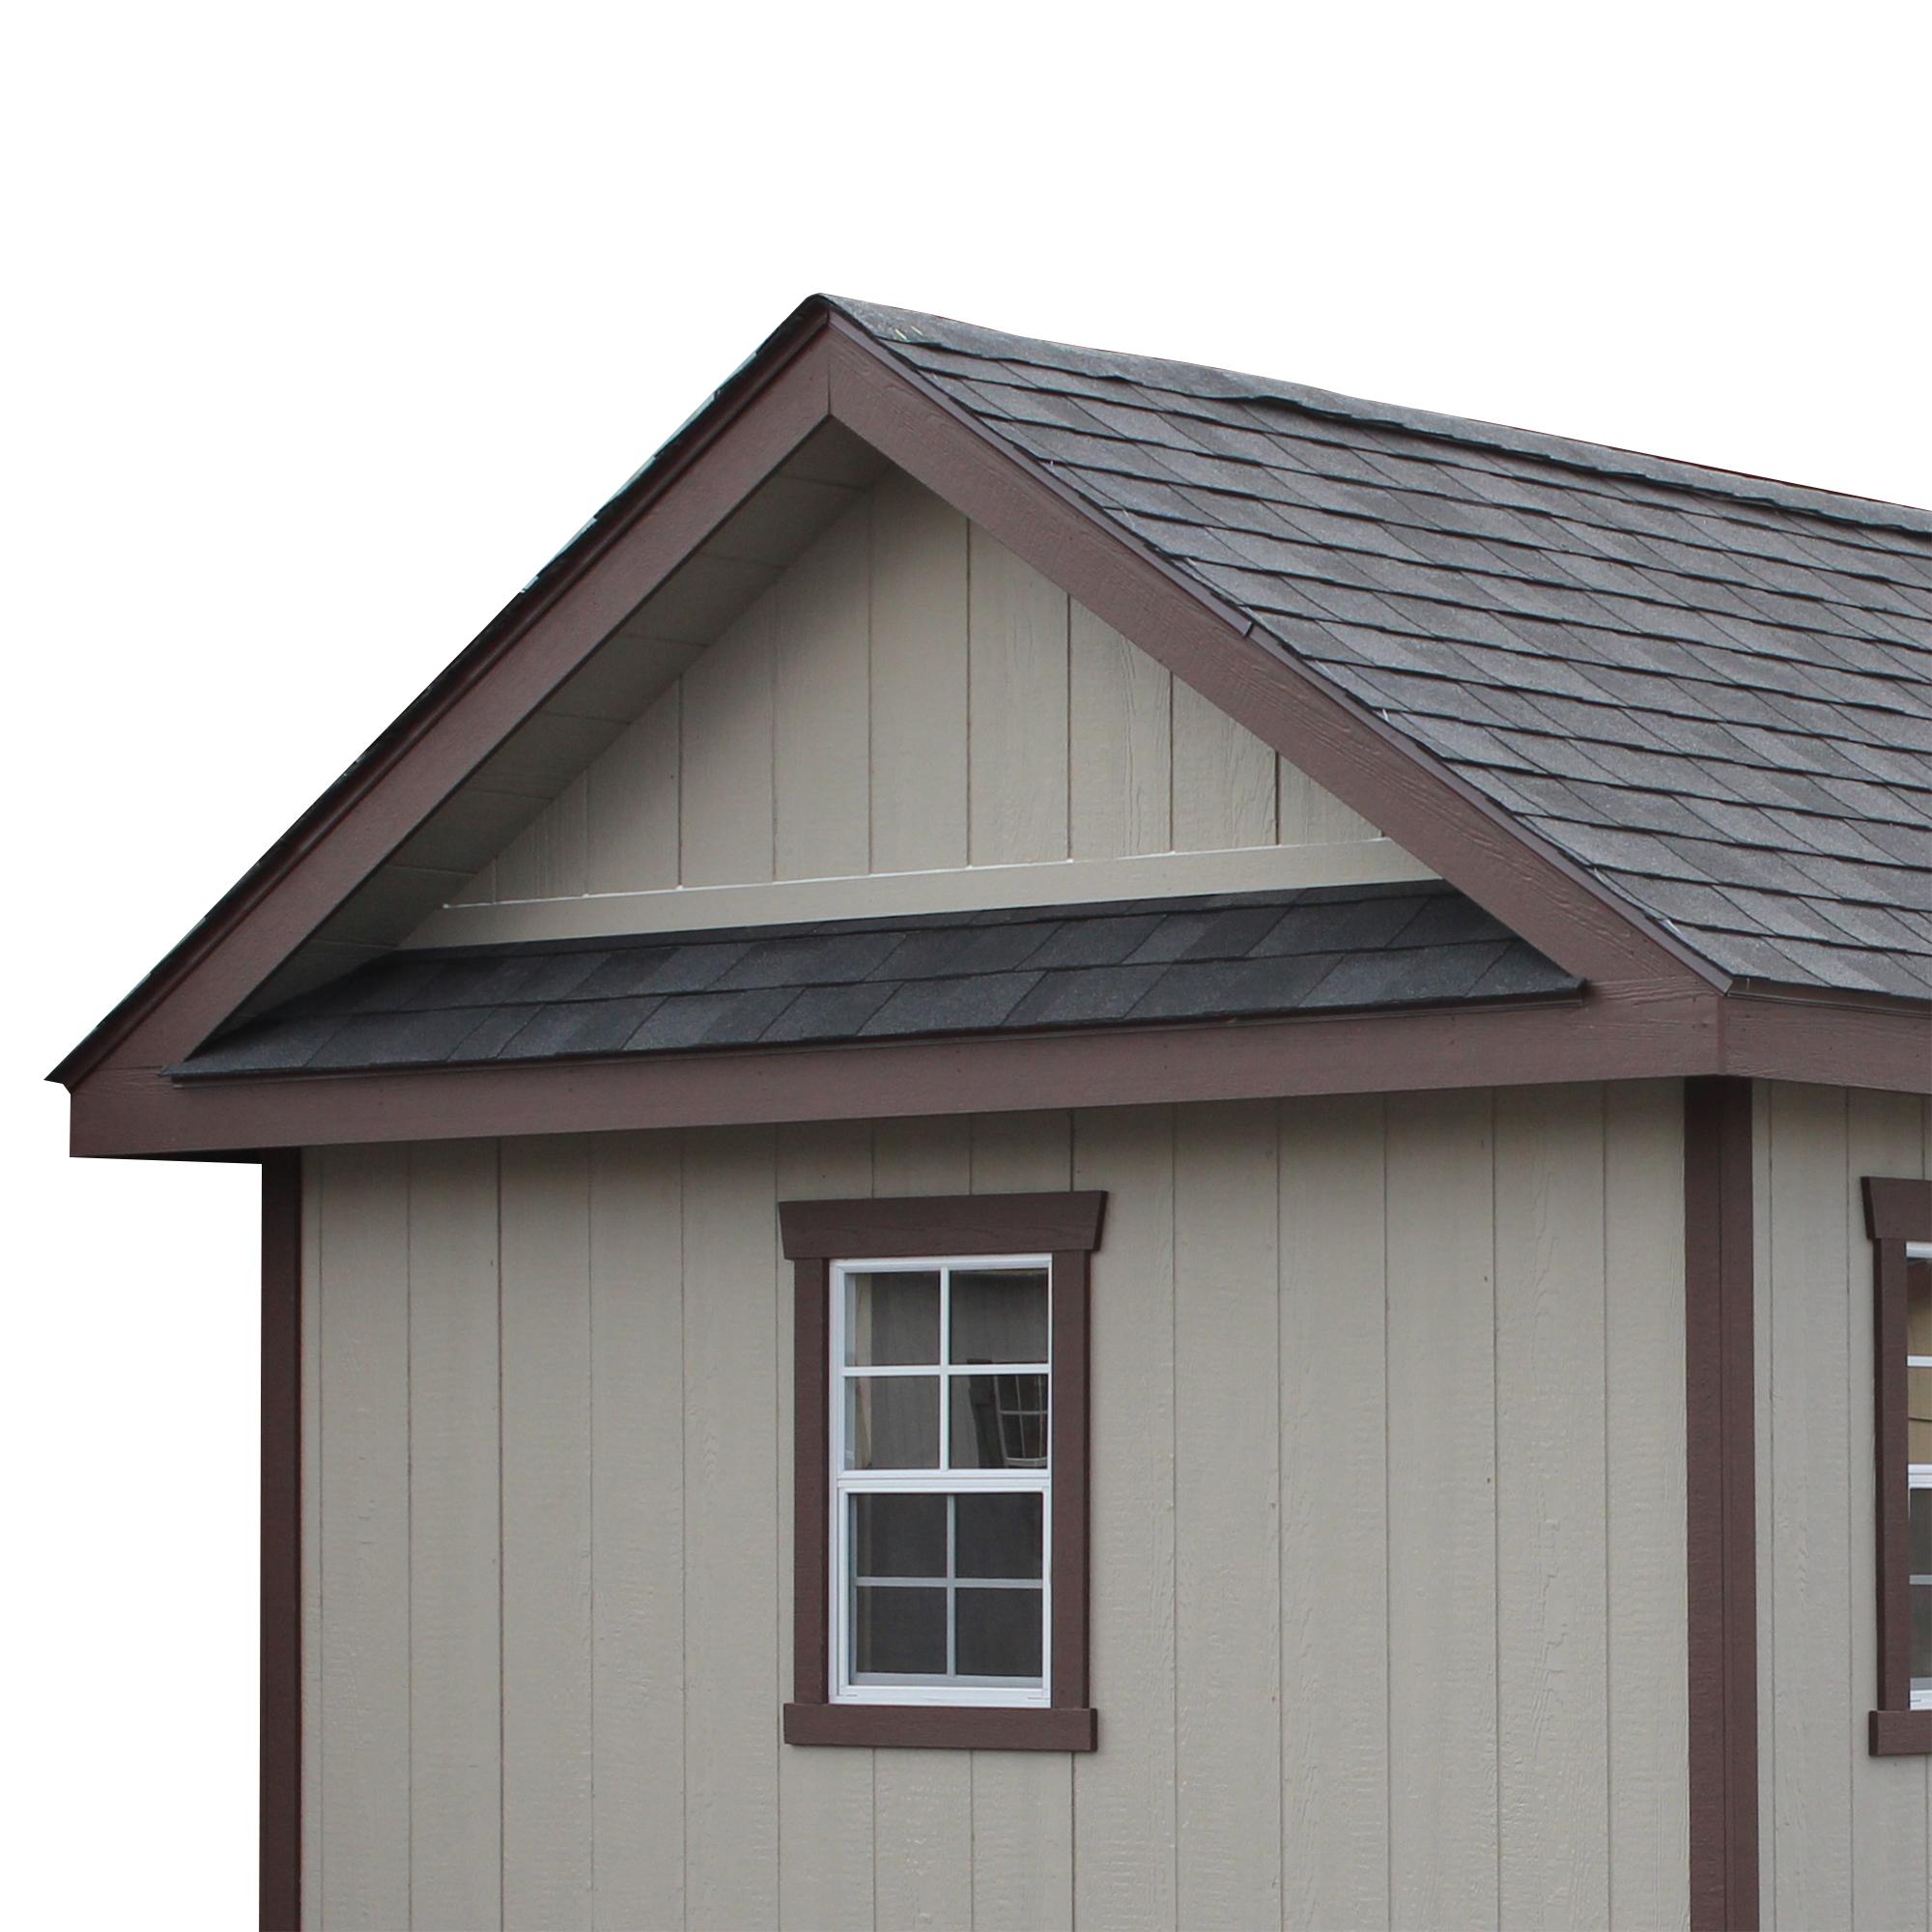 Pent Roof Overhang